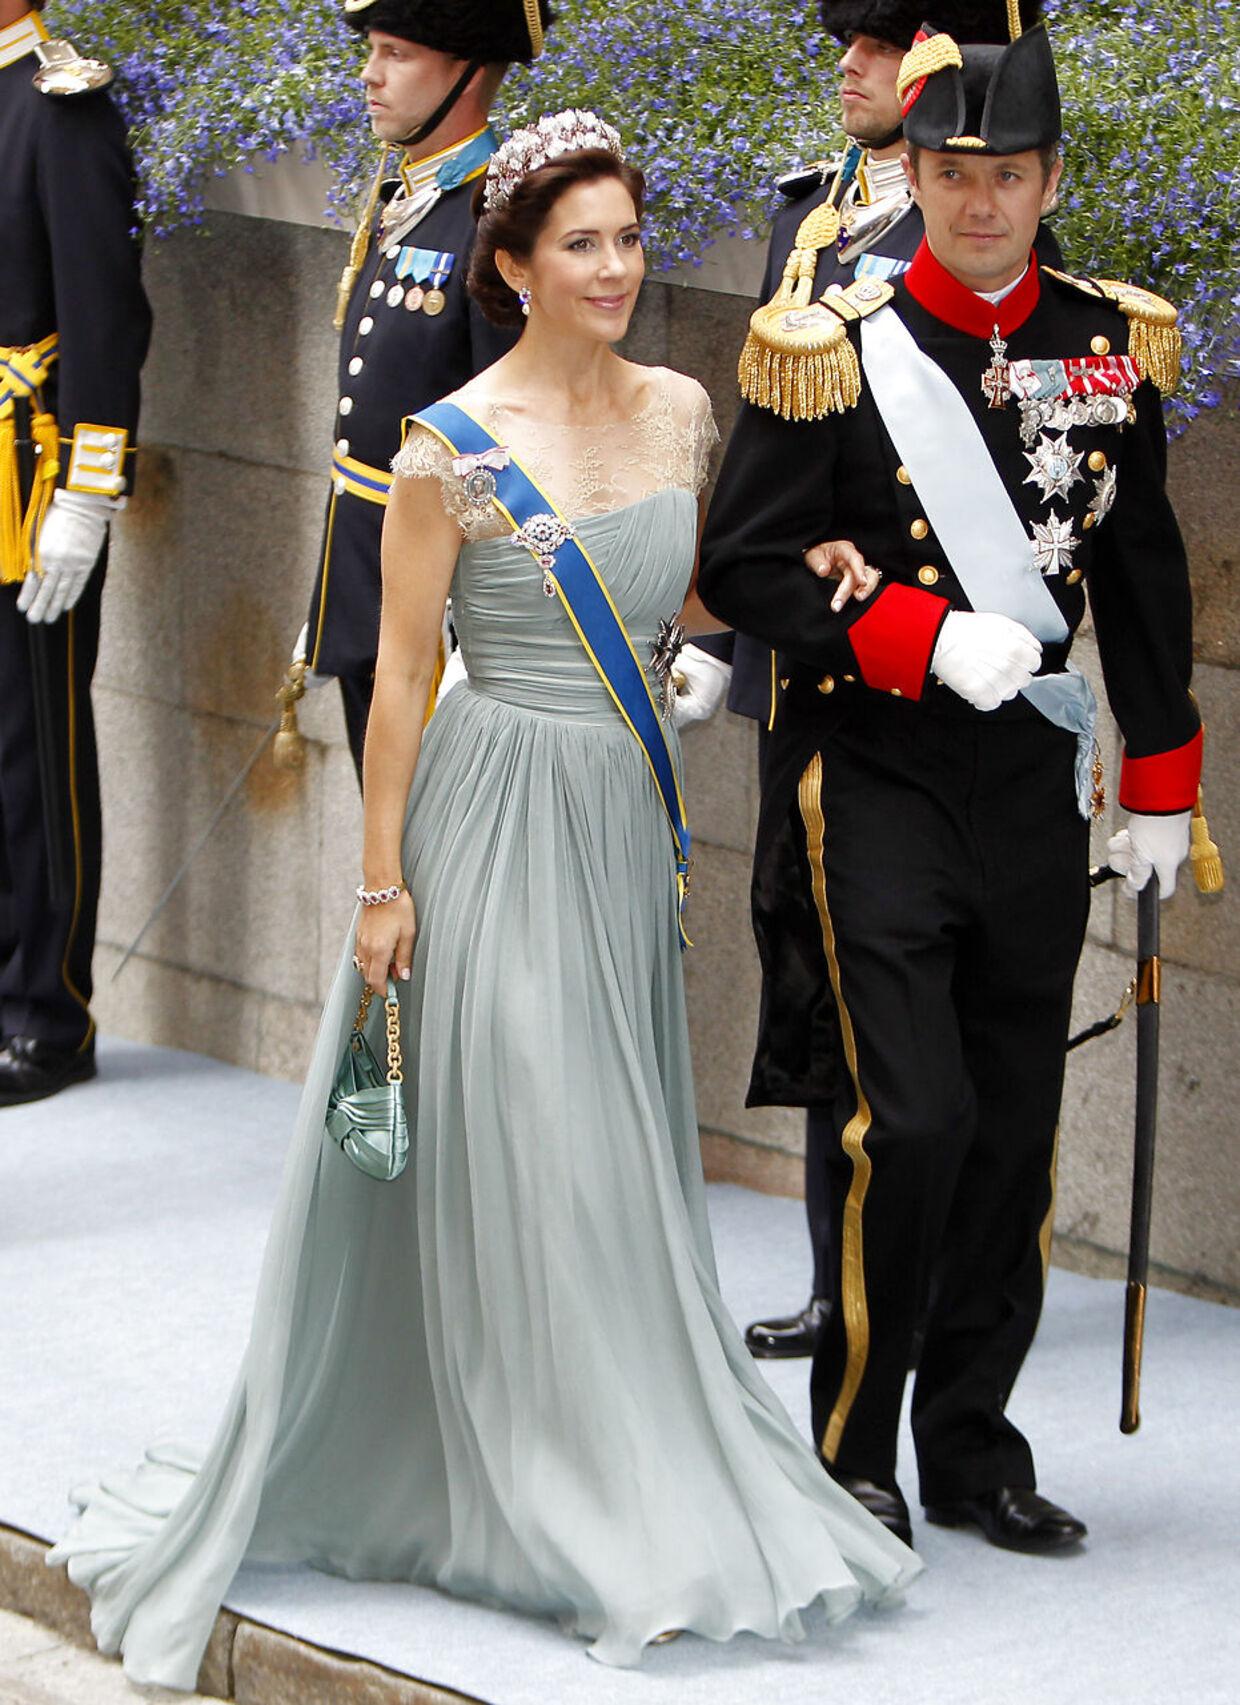 Это платье от Джеспера Ховринга носила кронпринцесса на свадьбе шведской кронпринцессы Виктории в 2010 году.